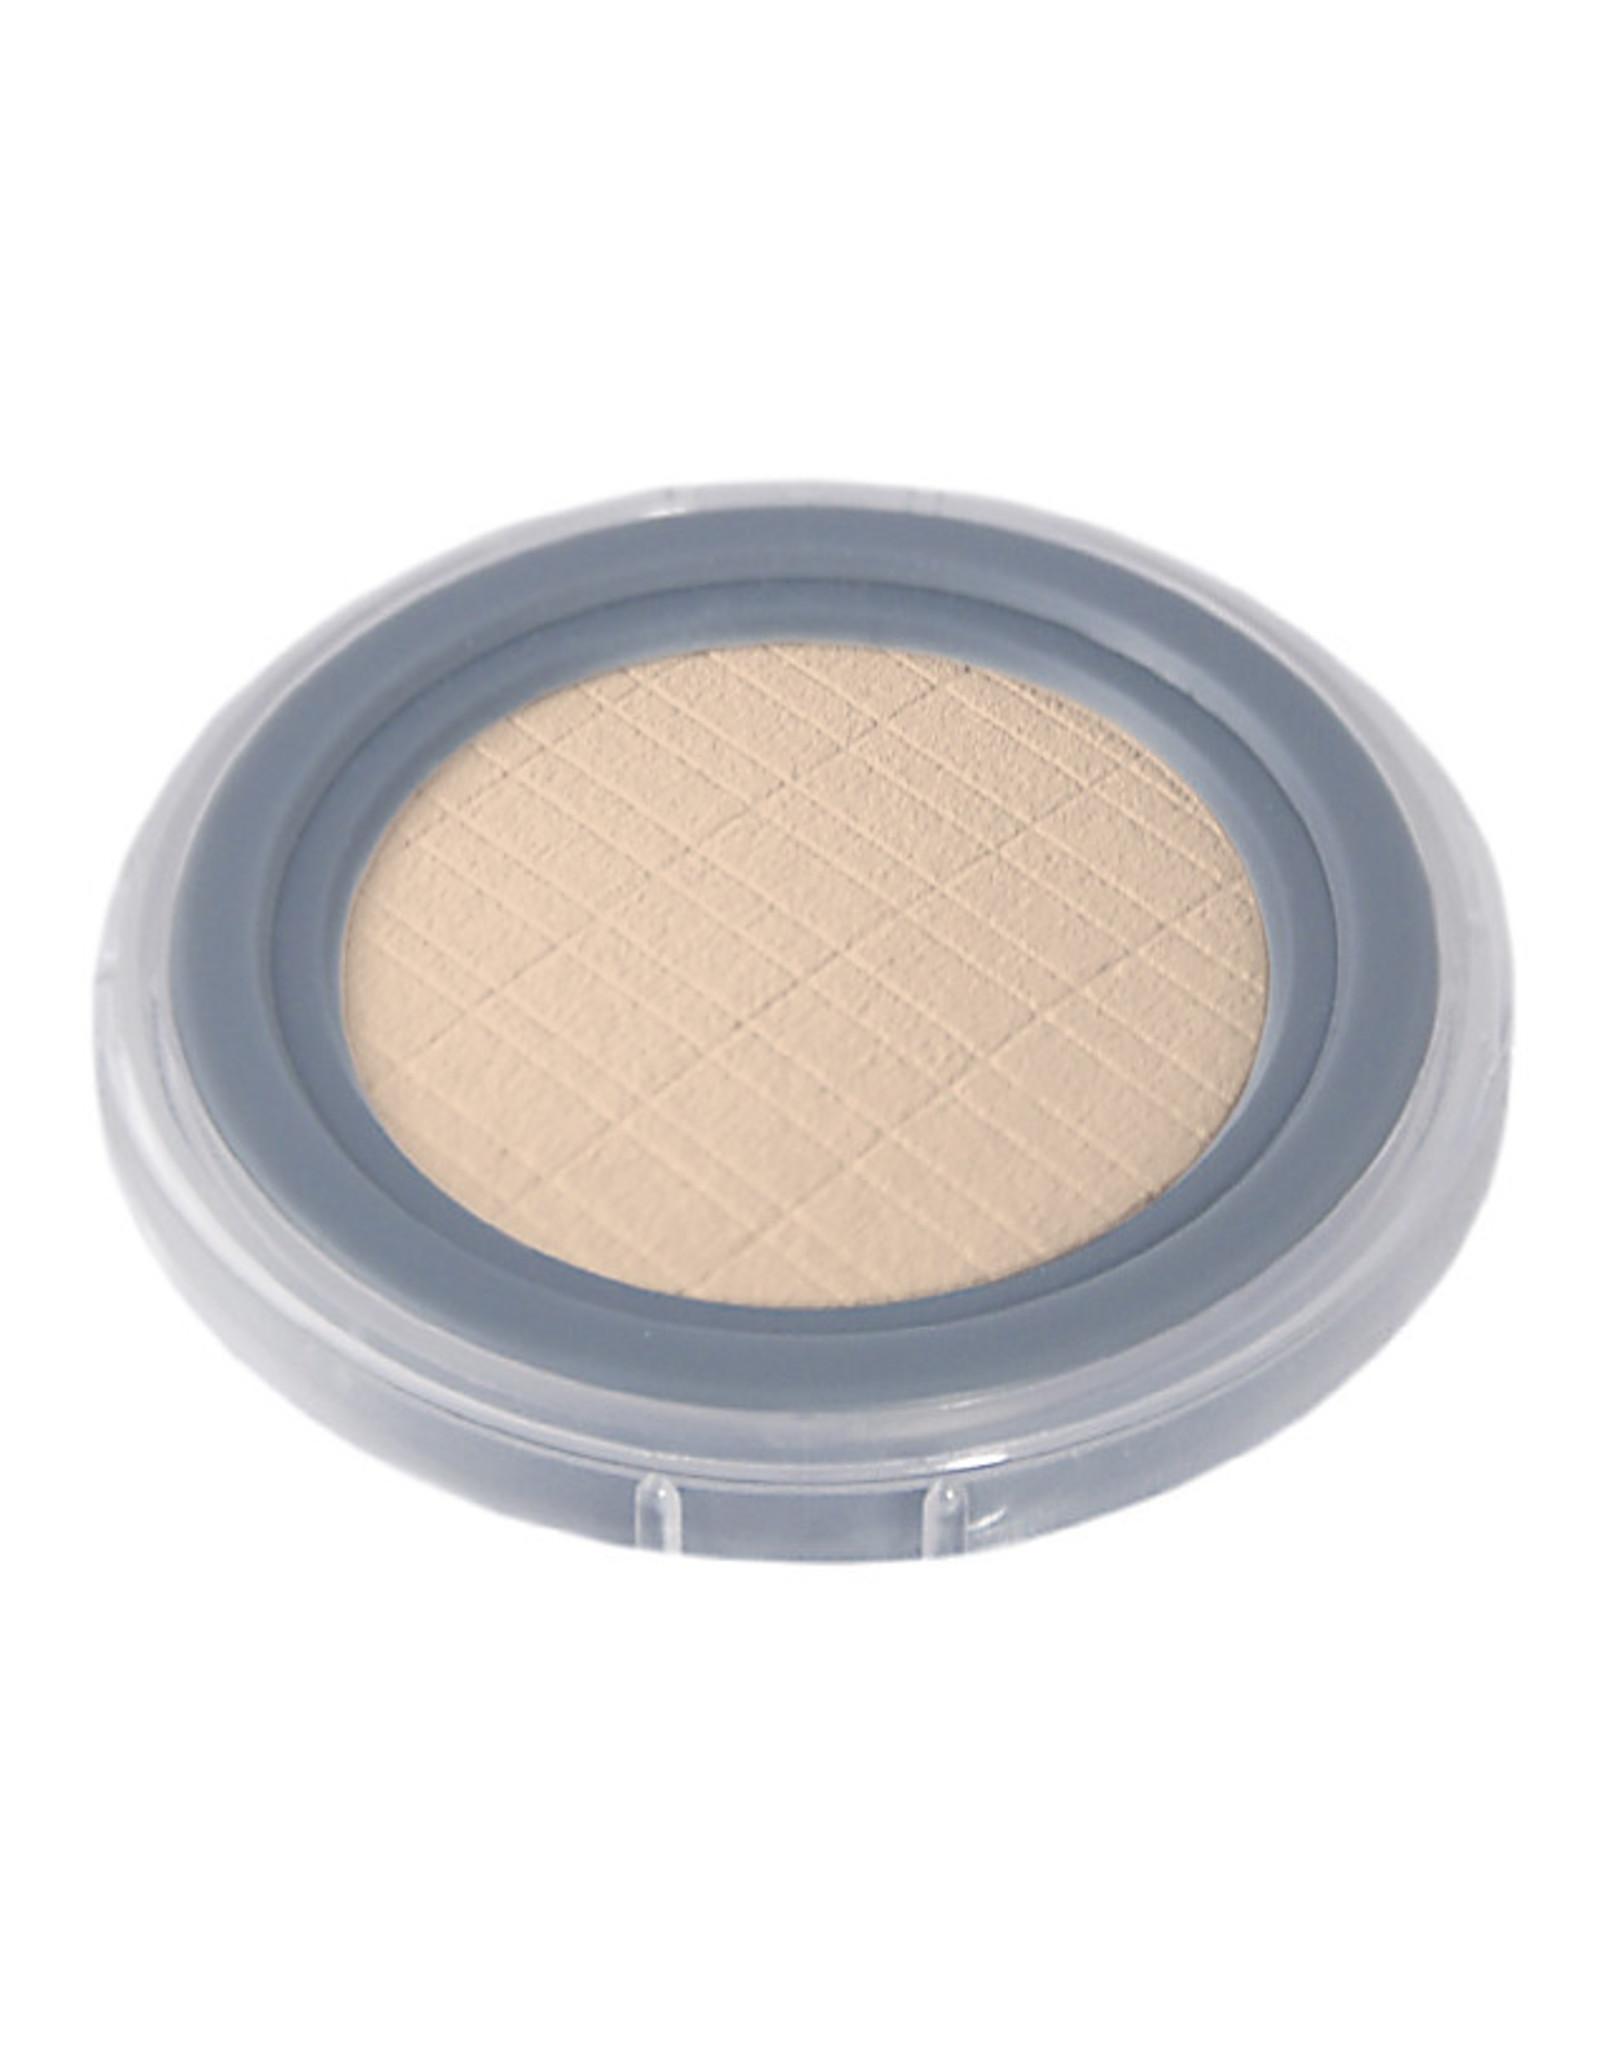 Grimas COMPACT POWDER 03 Lichte tint, gelig 8 g